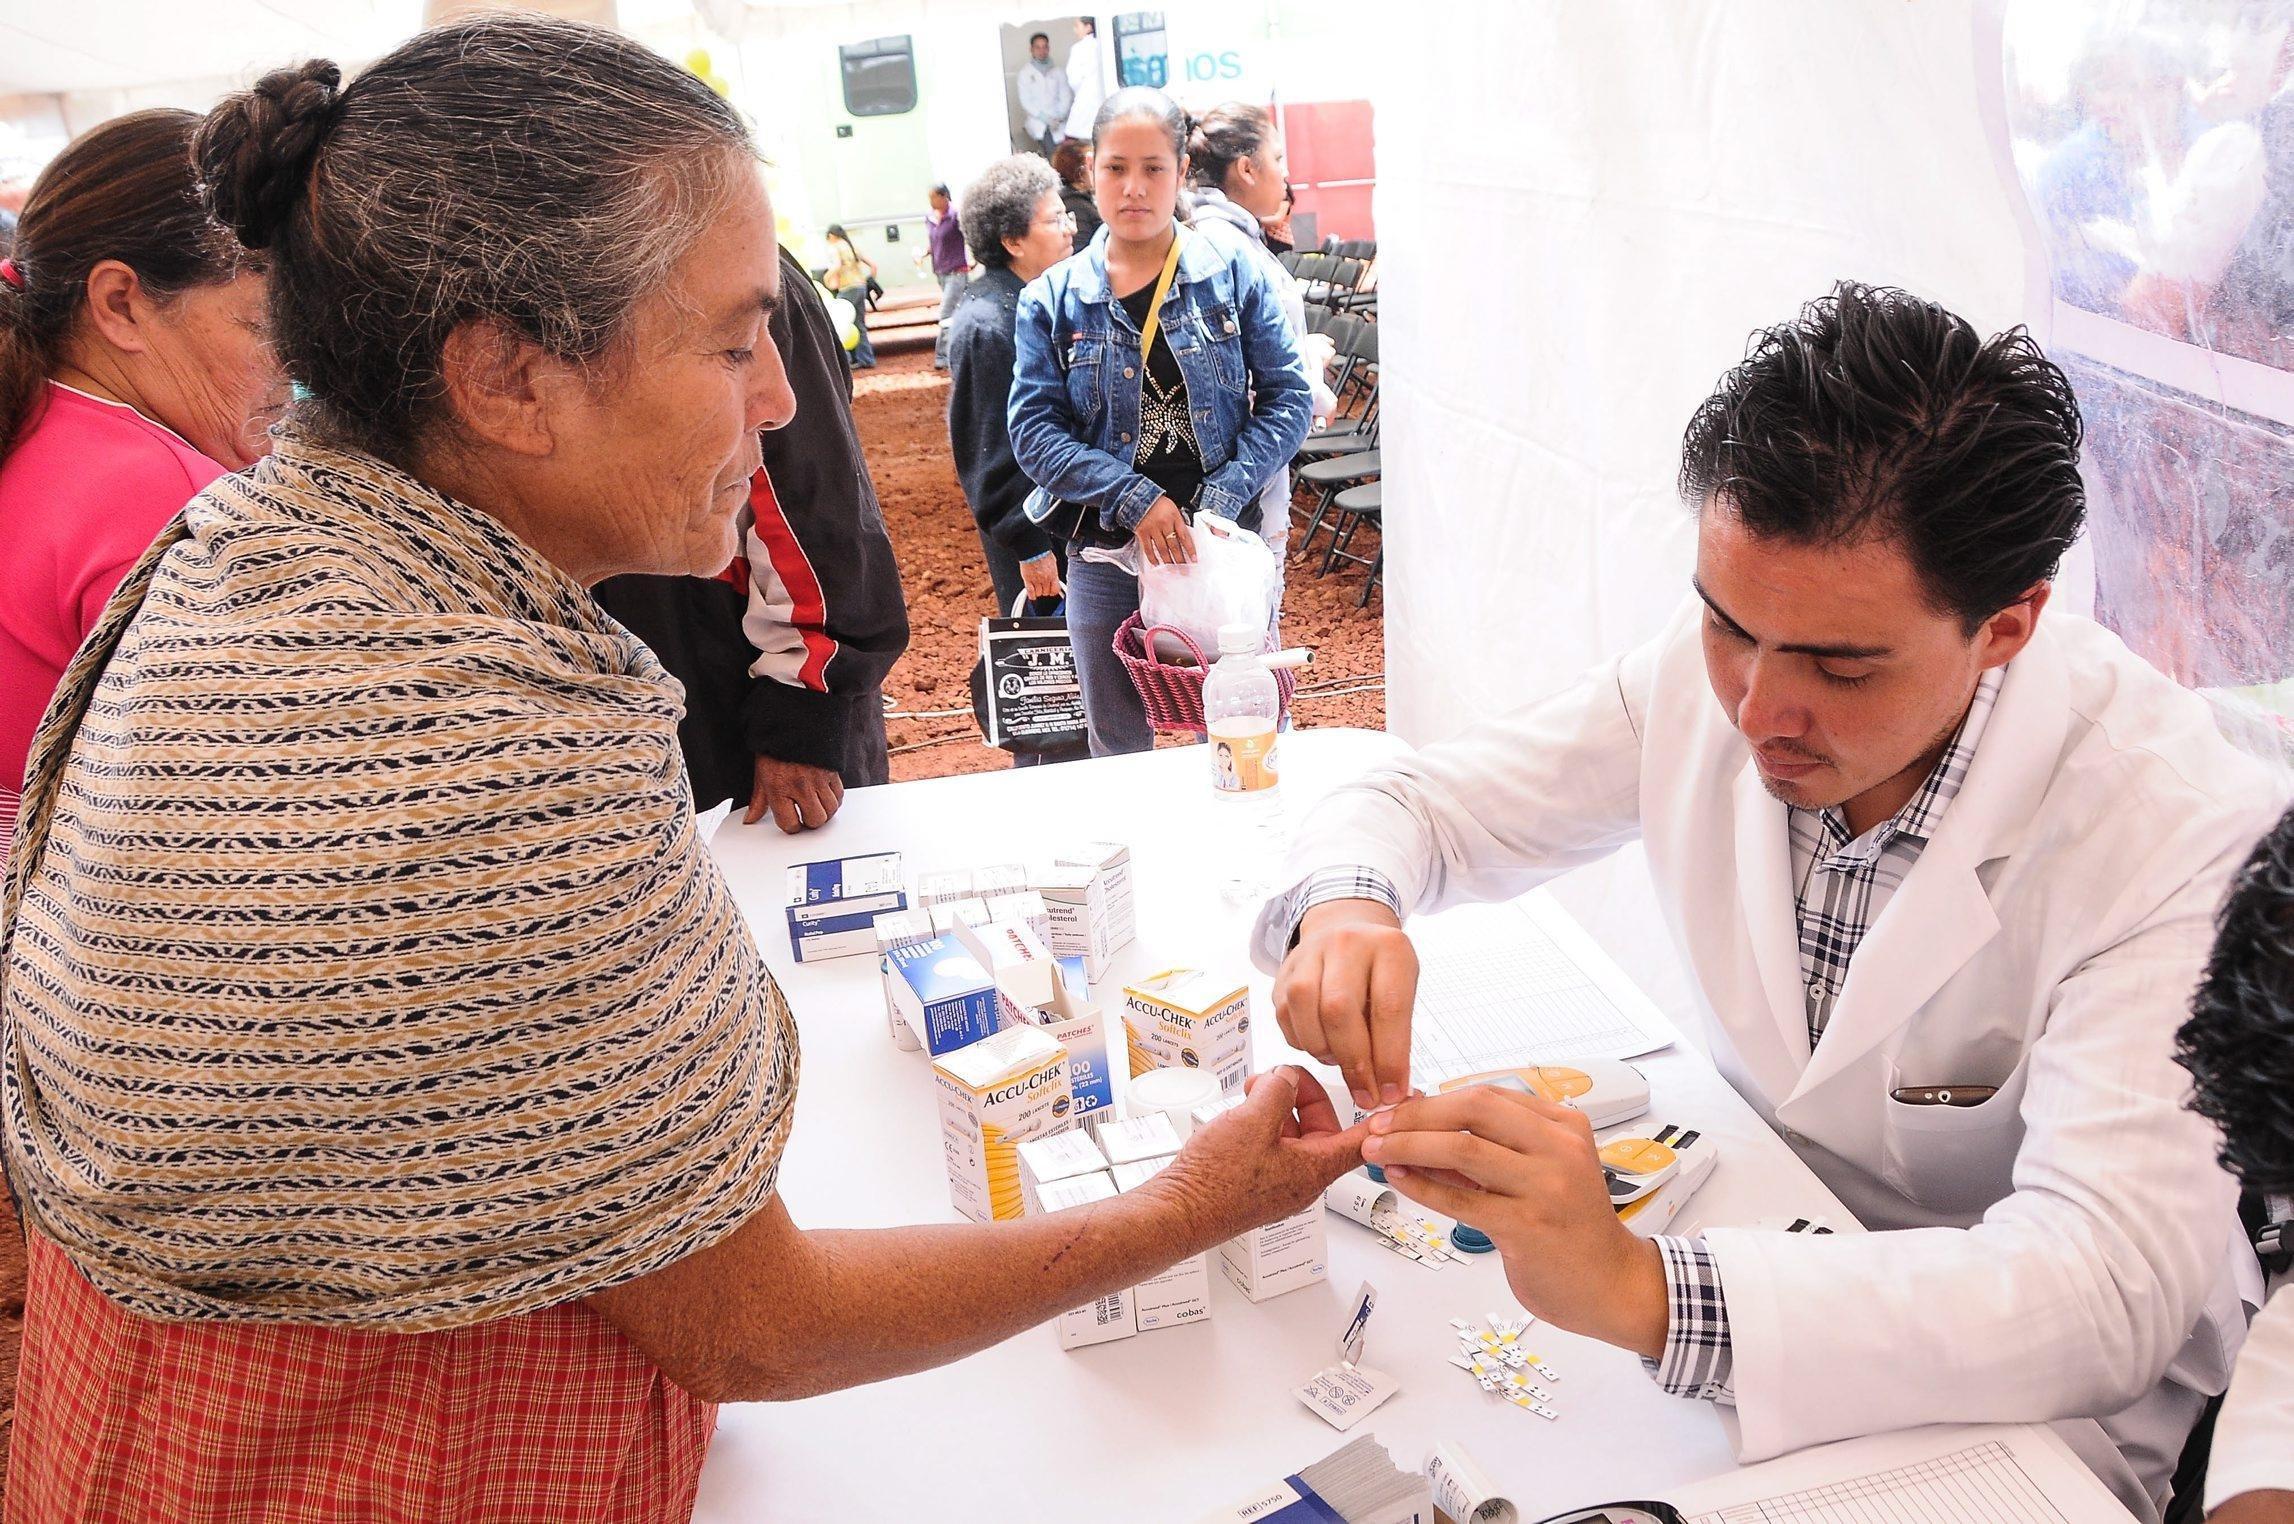 La Diabetes Es La Principal Causa De Ceguera Y Amputaciones En Mxico